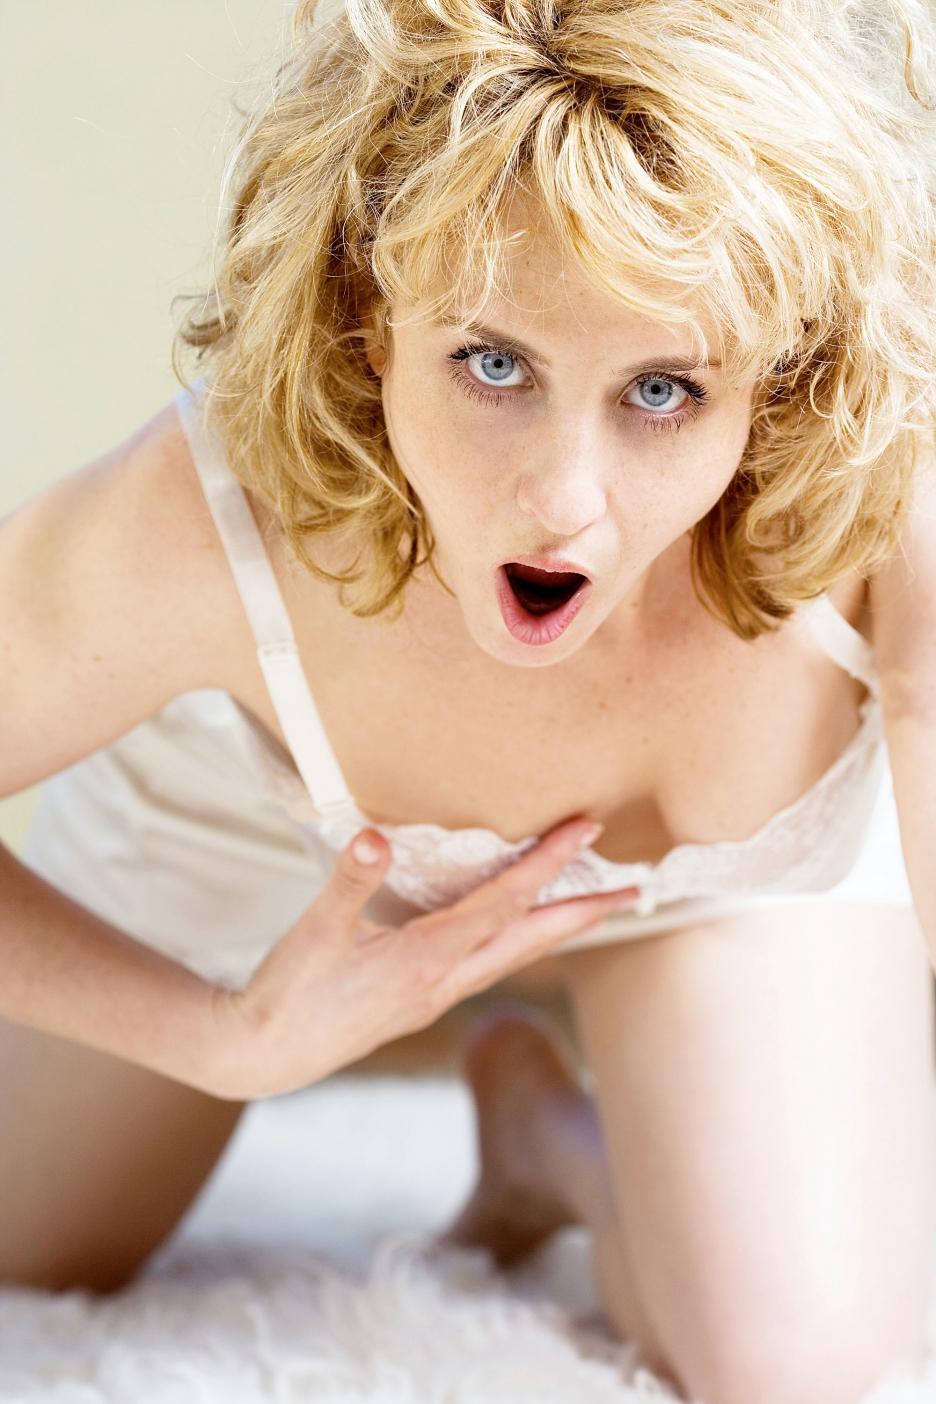 Bitsy Schramm Bilder Nackt